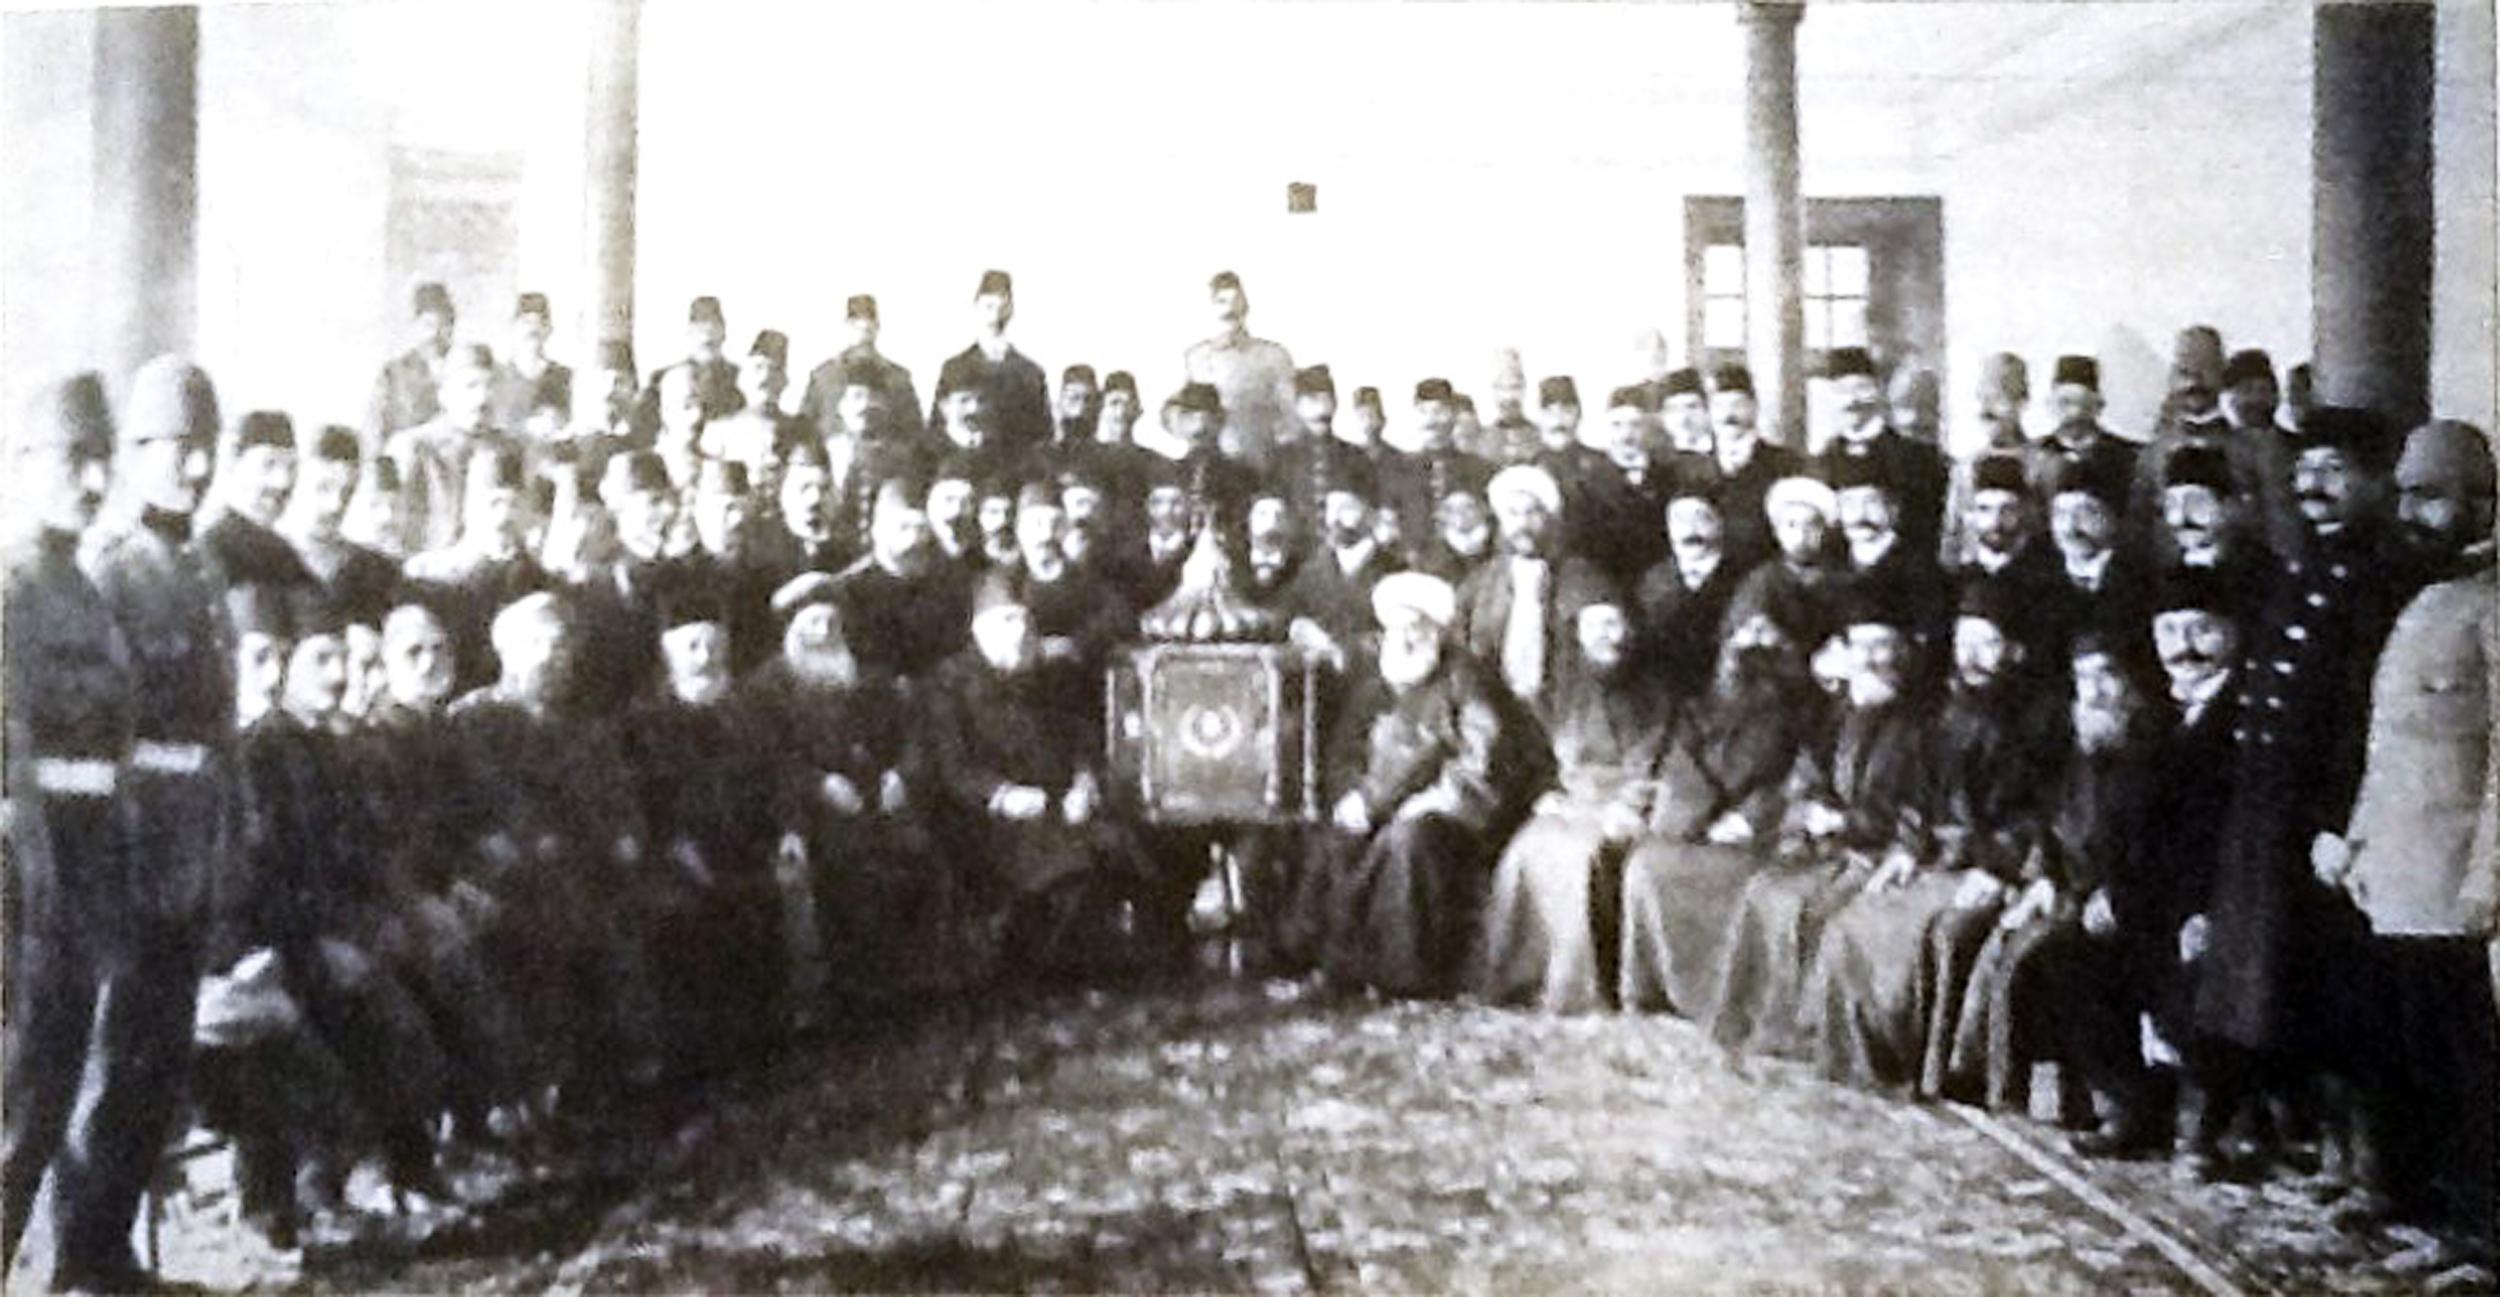 İstanbul Osmanlı Seçim Komitesi Bütün cemaat temsilcileri.jpg